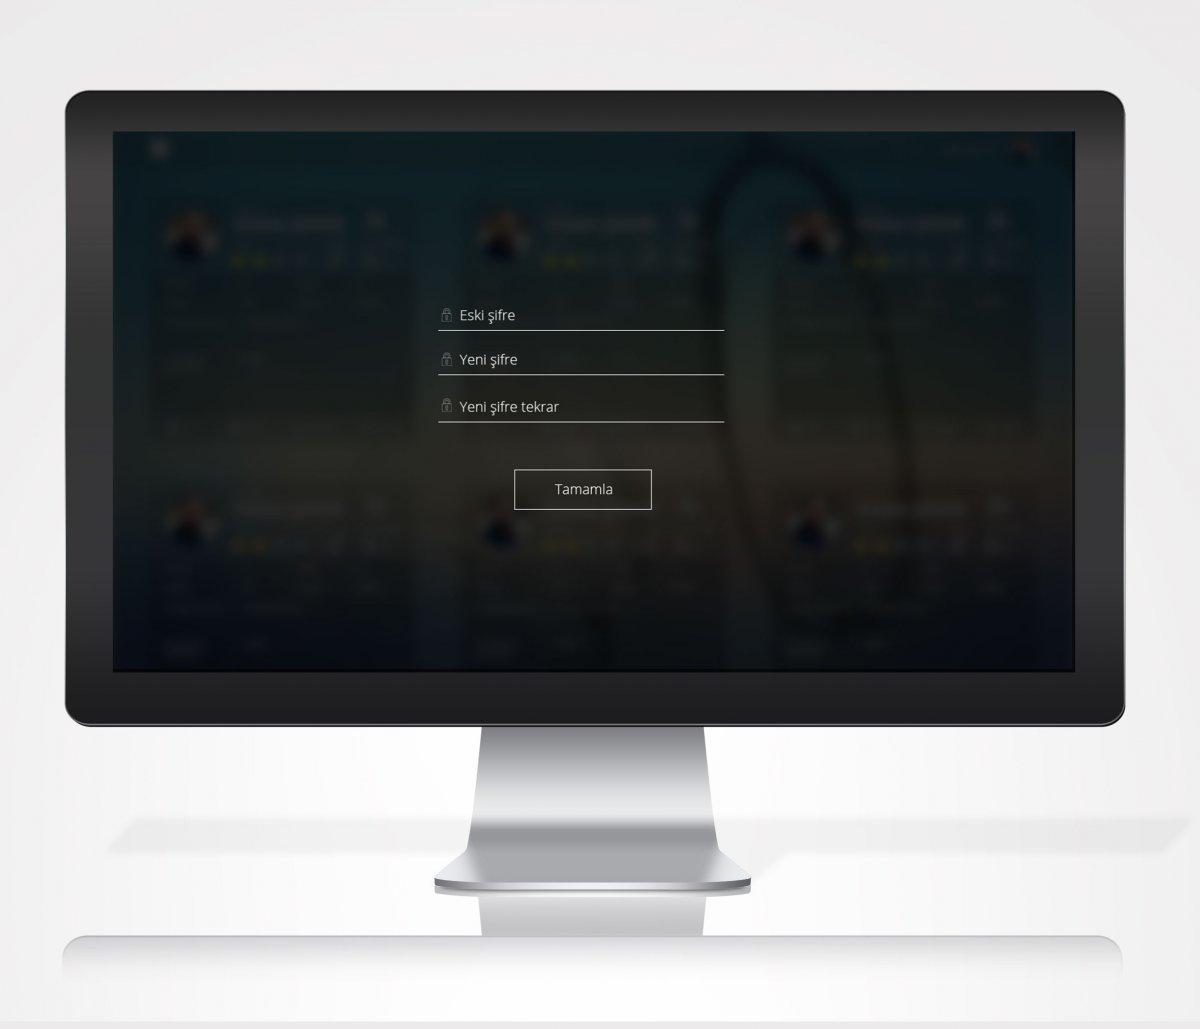 Kuartek proje tasarım ameliyat simülasyonu arayüzü | Vedat ŞEKER